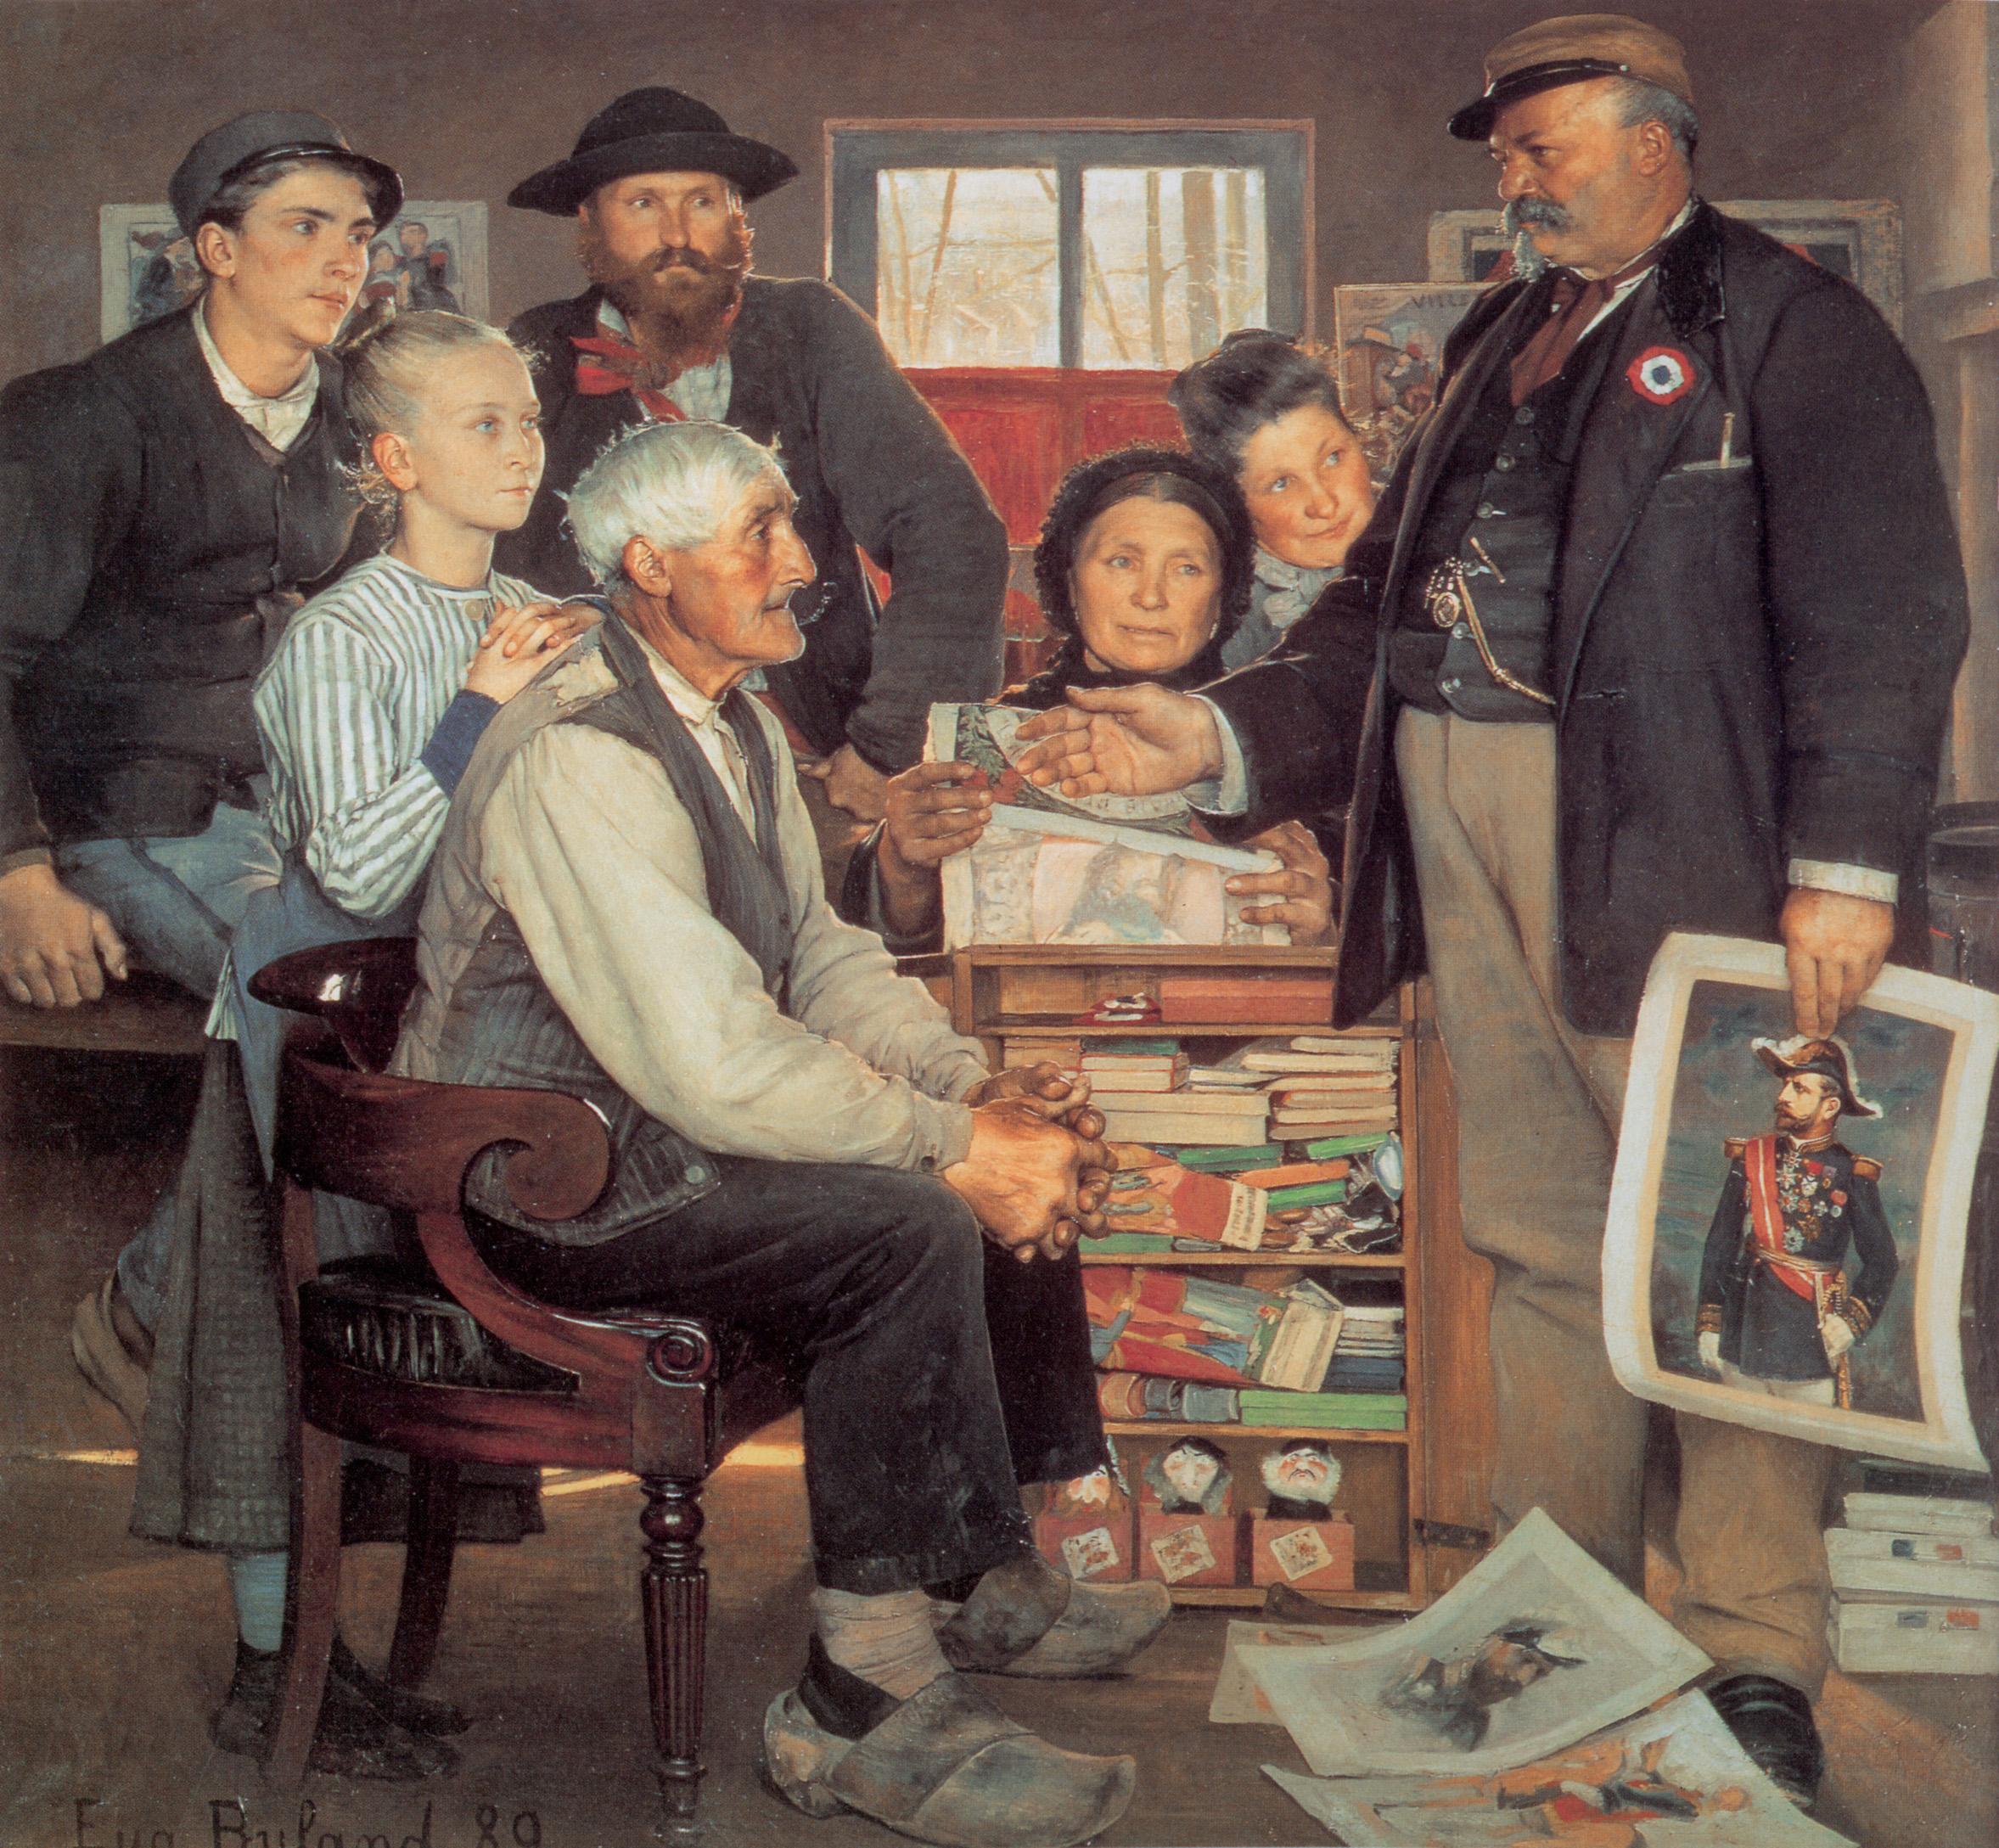 Pintura ilustrando um agente Boulangista fazendo propaganda para o General. Métodos de impressão mais baratos fizeram dessa a primeira campanha democrática iconográfica.  Jean-Eugène Buland, Propagande, 1889 (Musée d'Orsay).